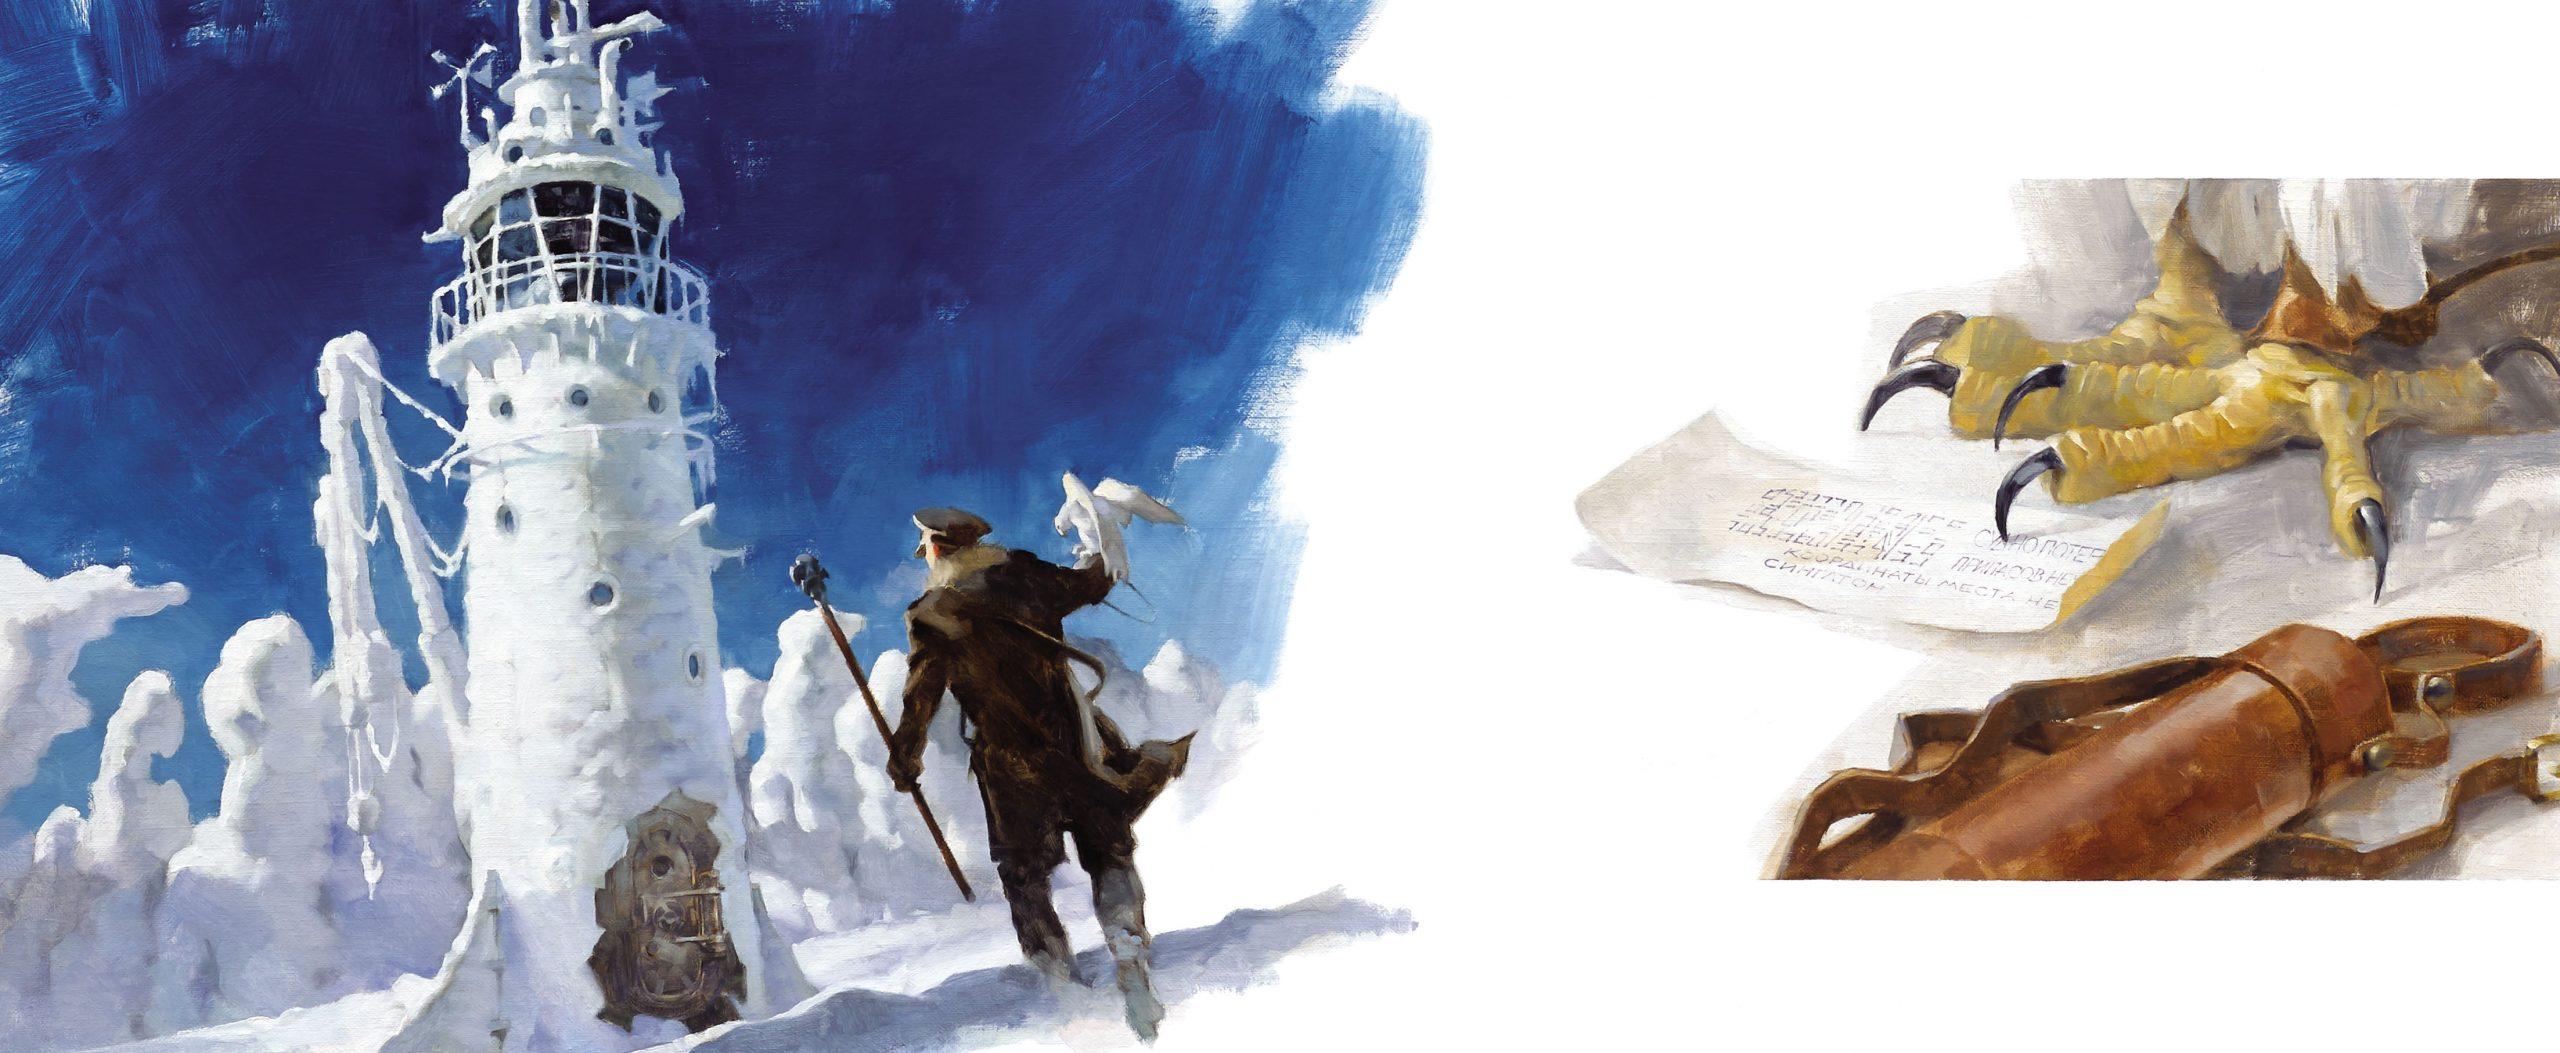 «Дневник Уэса»: отрывок изиллюстрированного романа «В ледяном плену» Грегори Манчесса 5